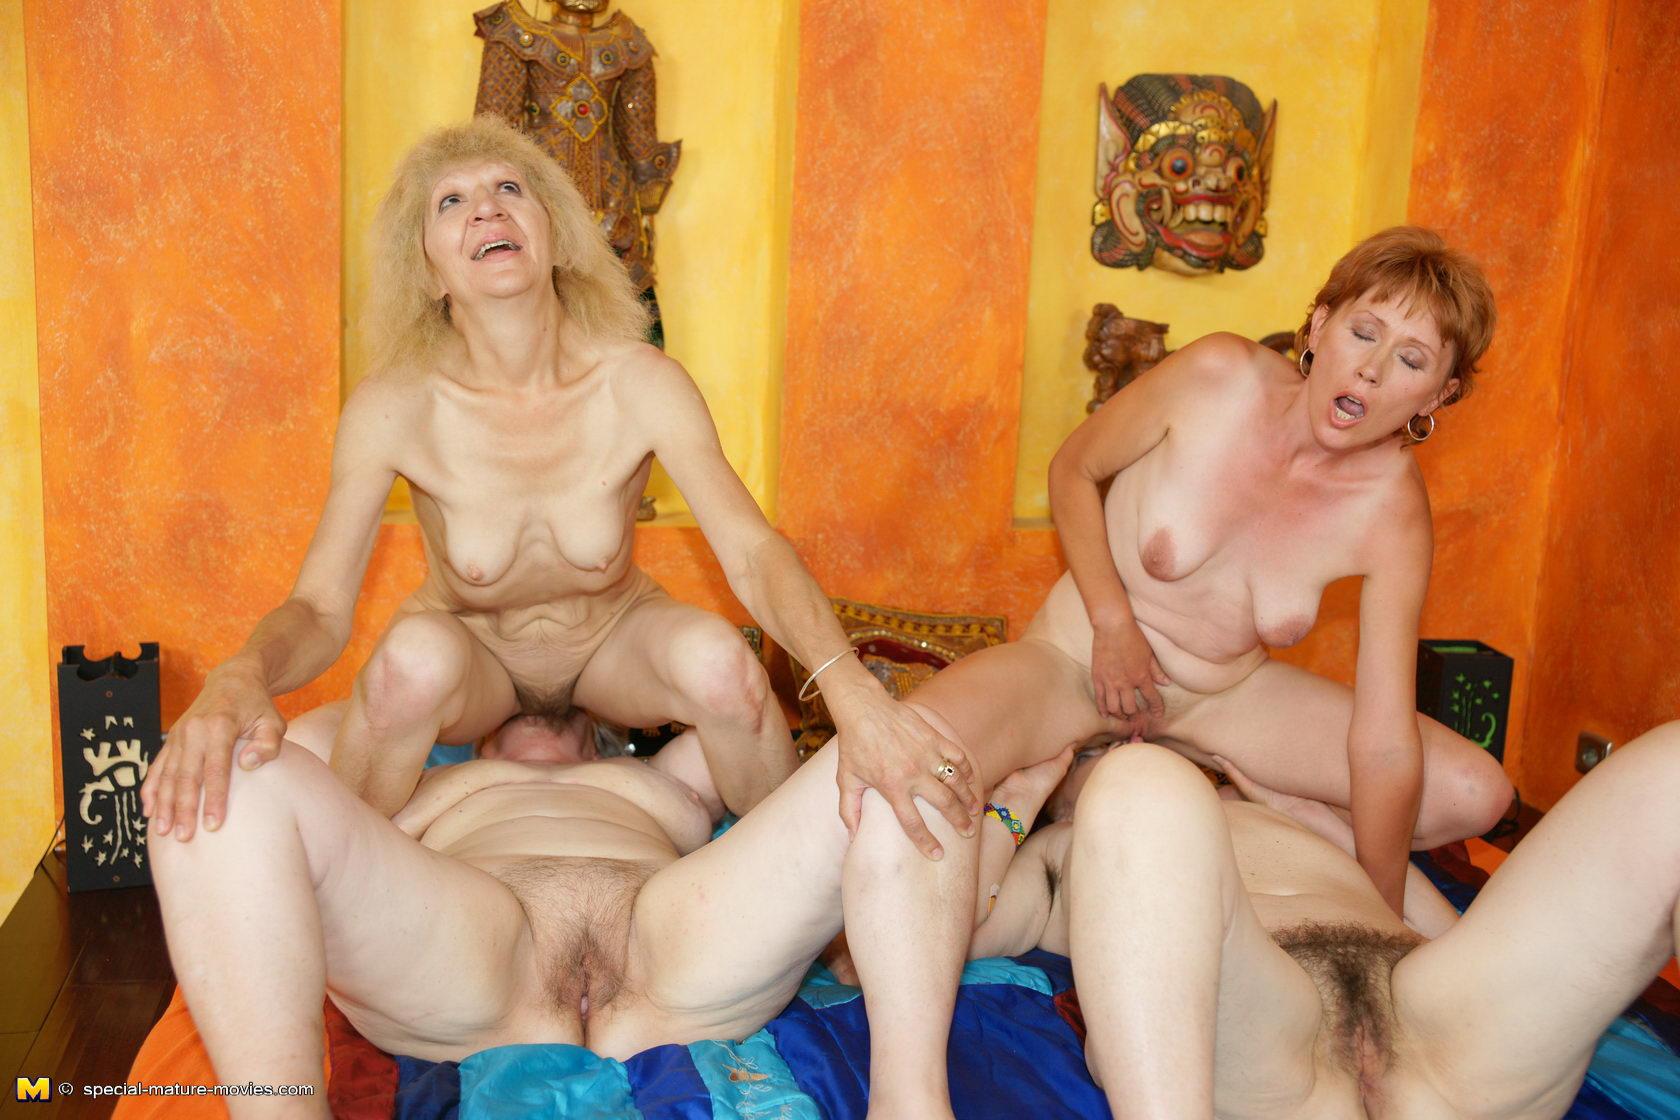 Смотреть порно зрелых на русском онлайн, Порно со зрелыми русскими женщинами. Секс видео 7 фотография